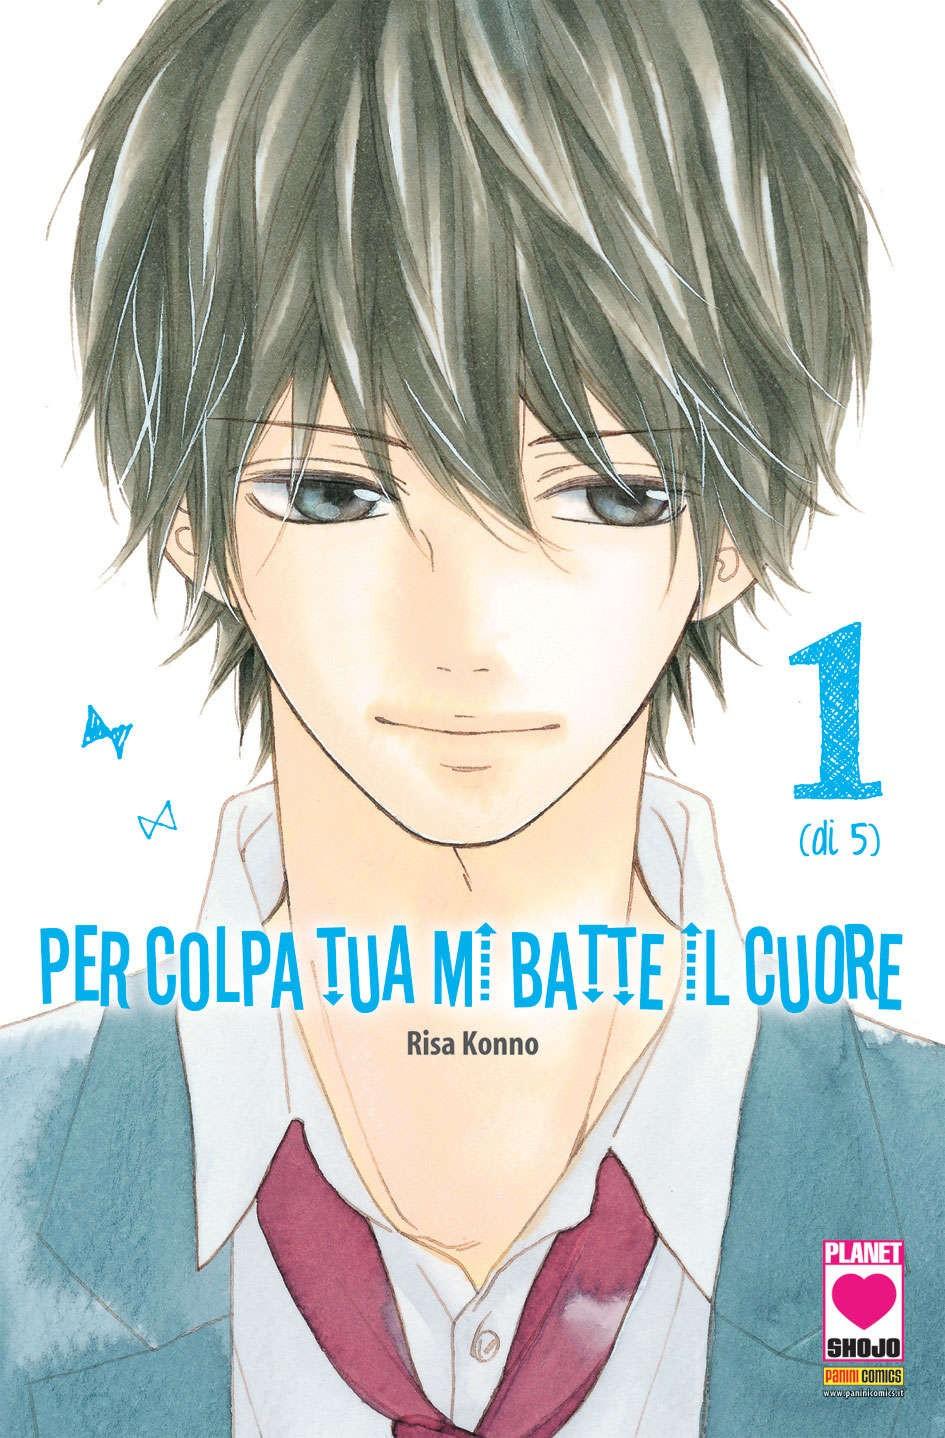 Per Colpa Tua Mi Batte Il Cuore - N° 1 - Per Colpa Tua Mi Batte Il Cuore - Manga Kiss Planet Manga